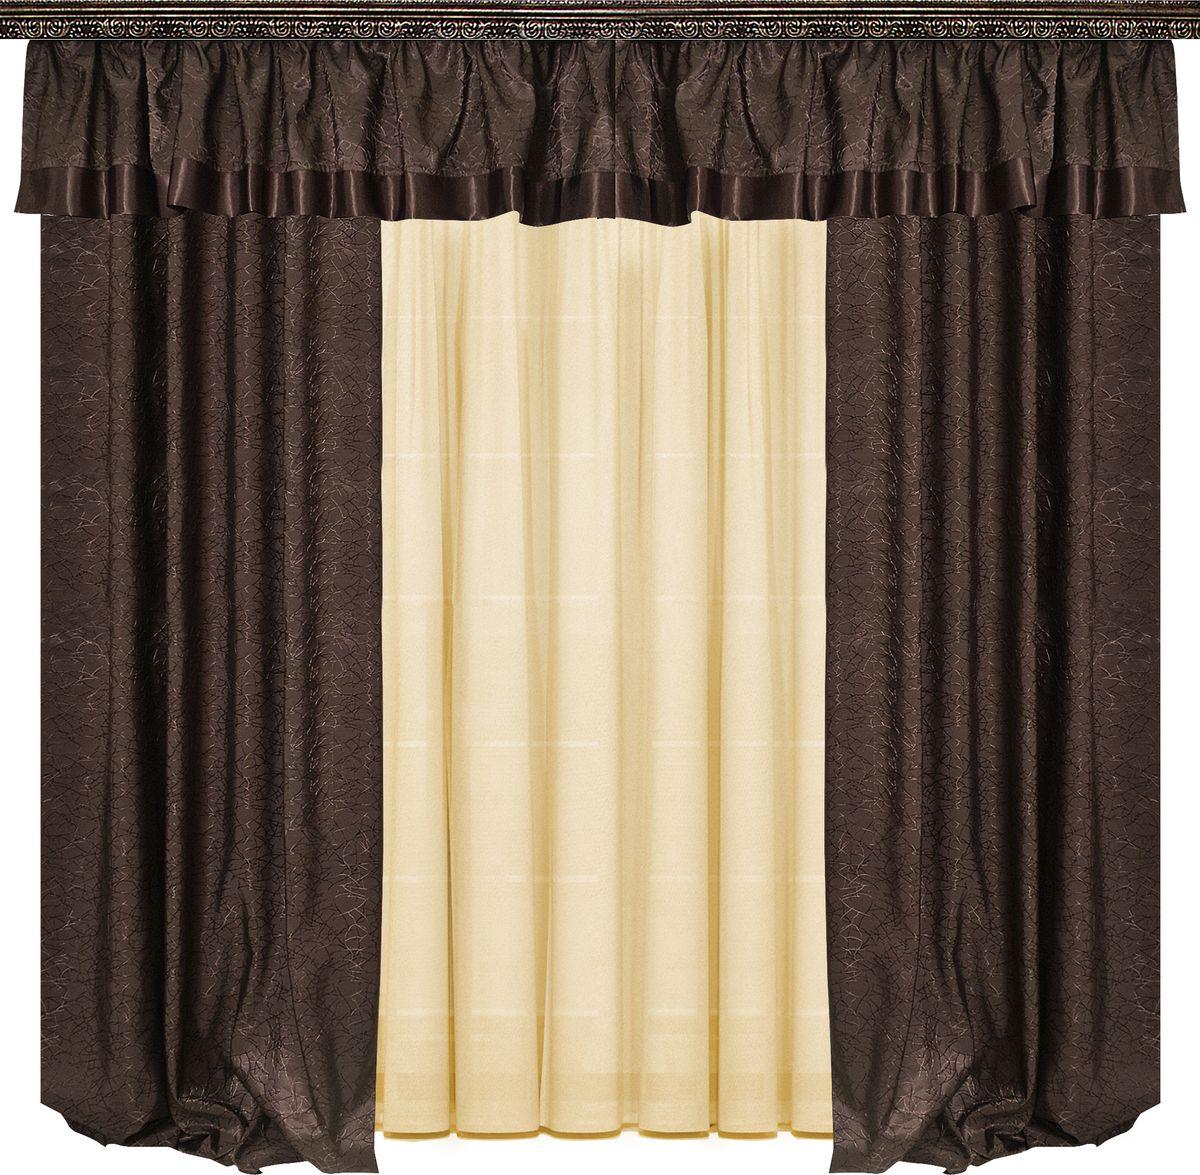 Комплект штор Zlata Korunka, на ленте, цвет: венге, высота 260 см. 77705155670-5Комплект штор Zlata Korunka великолепно украсит любое окно. Комплект состоит из двух портьер, тюля и ламбрекена. Тюль выполнен из вуалевой ткани, портьеры изготовлены из жаккардовой ткани с изящным узором. Оригинальный дизайн и контрастная цветовая гамма привлекут к себе внимание и органично впишутся в интерьер комнаты. Все предметы комплекта оснащены шторной лентой для собирания в сборки.